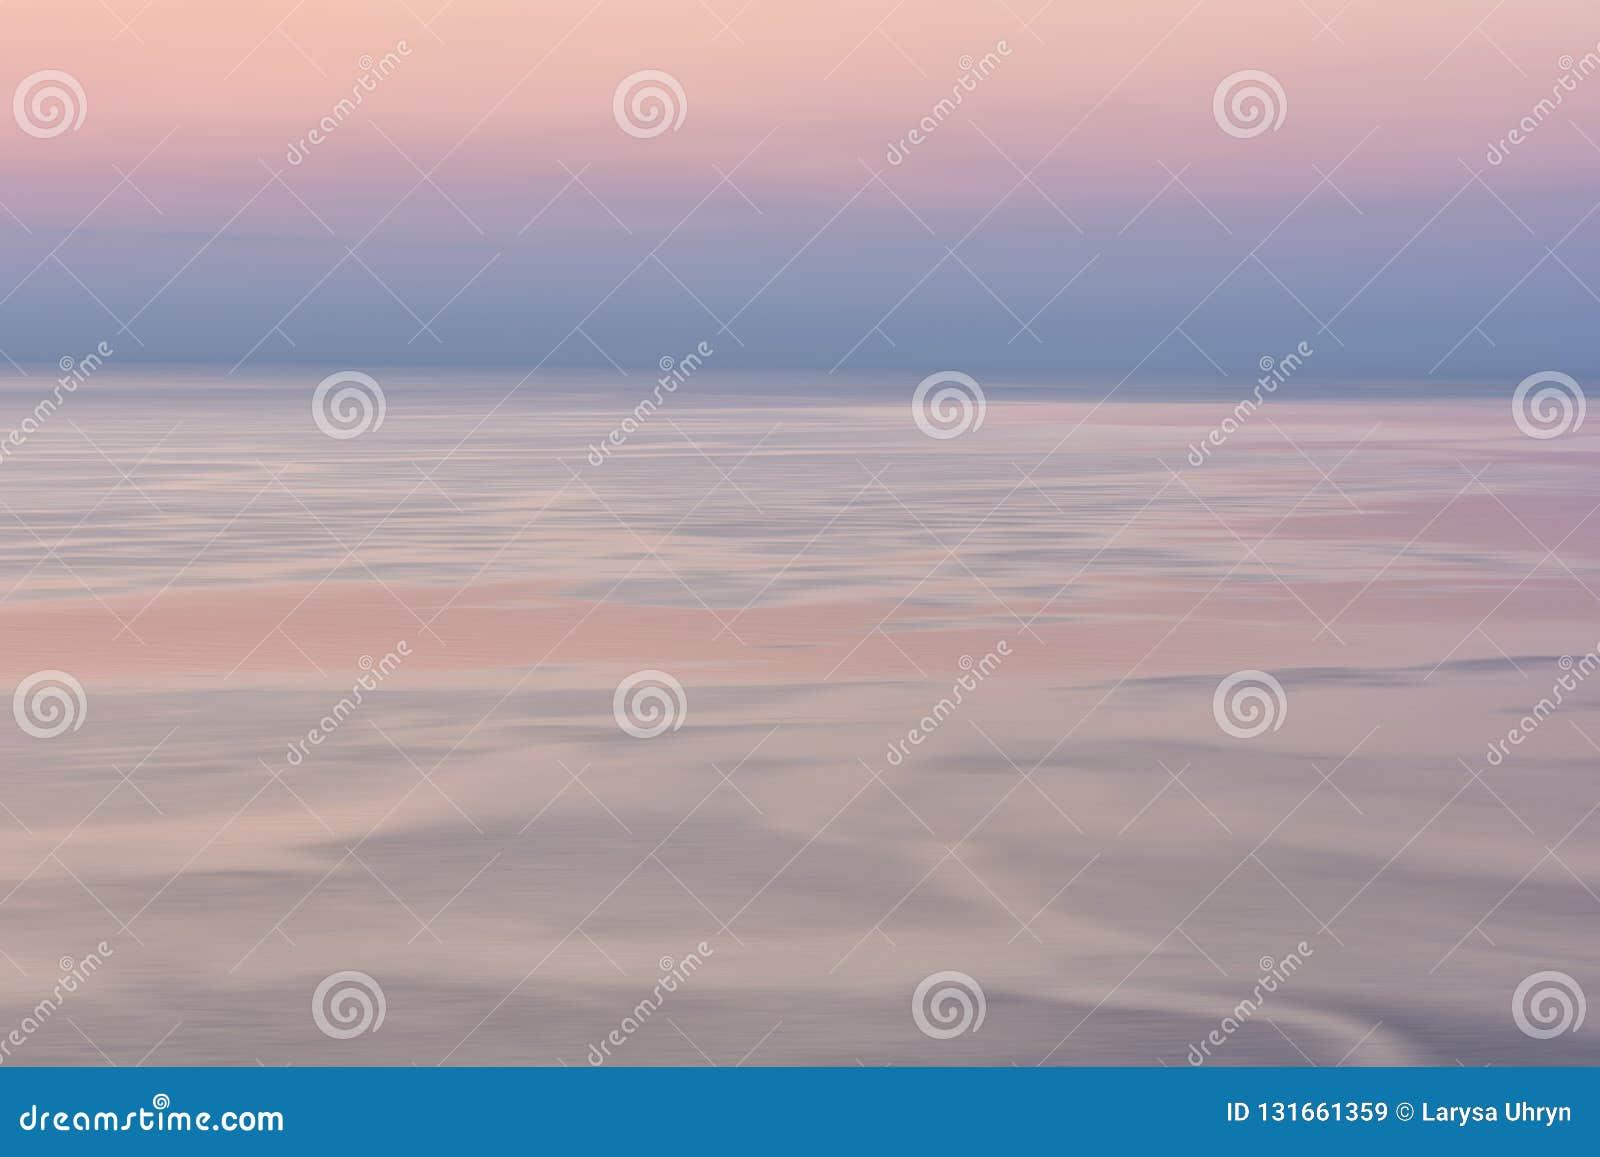 Seascape cor-de-rosa agradável do por do sol em máscaras pasteis, em paz e no fundo exterior calmo do curso, borrão de movimento